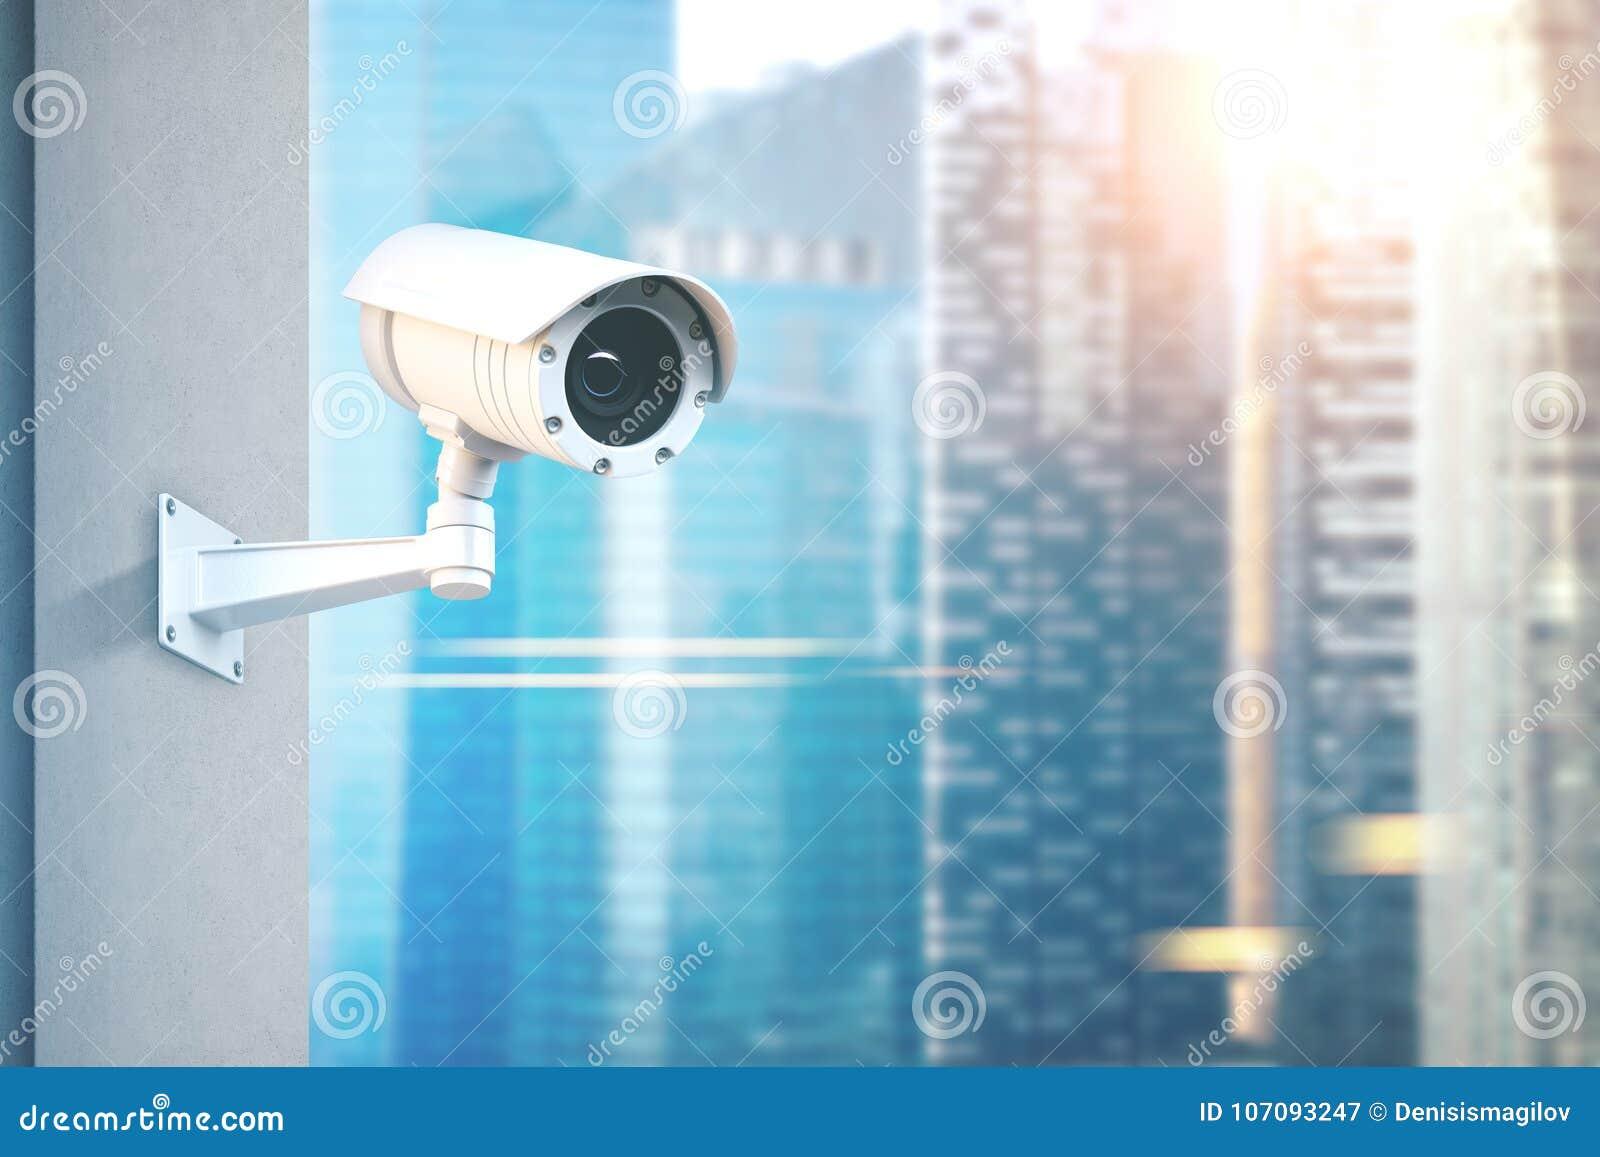 Câmera do CCTV, cidade borrada